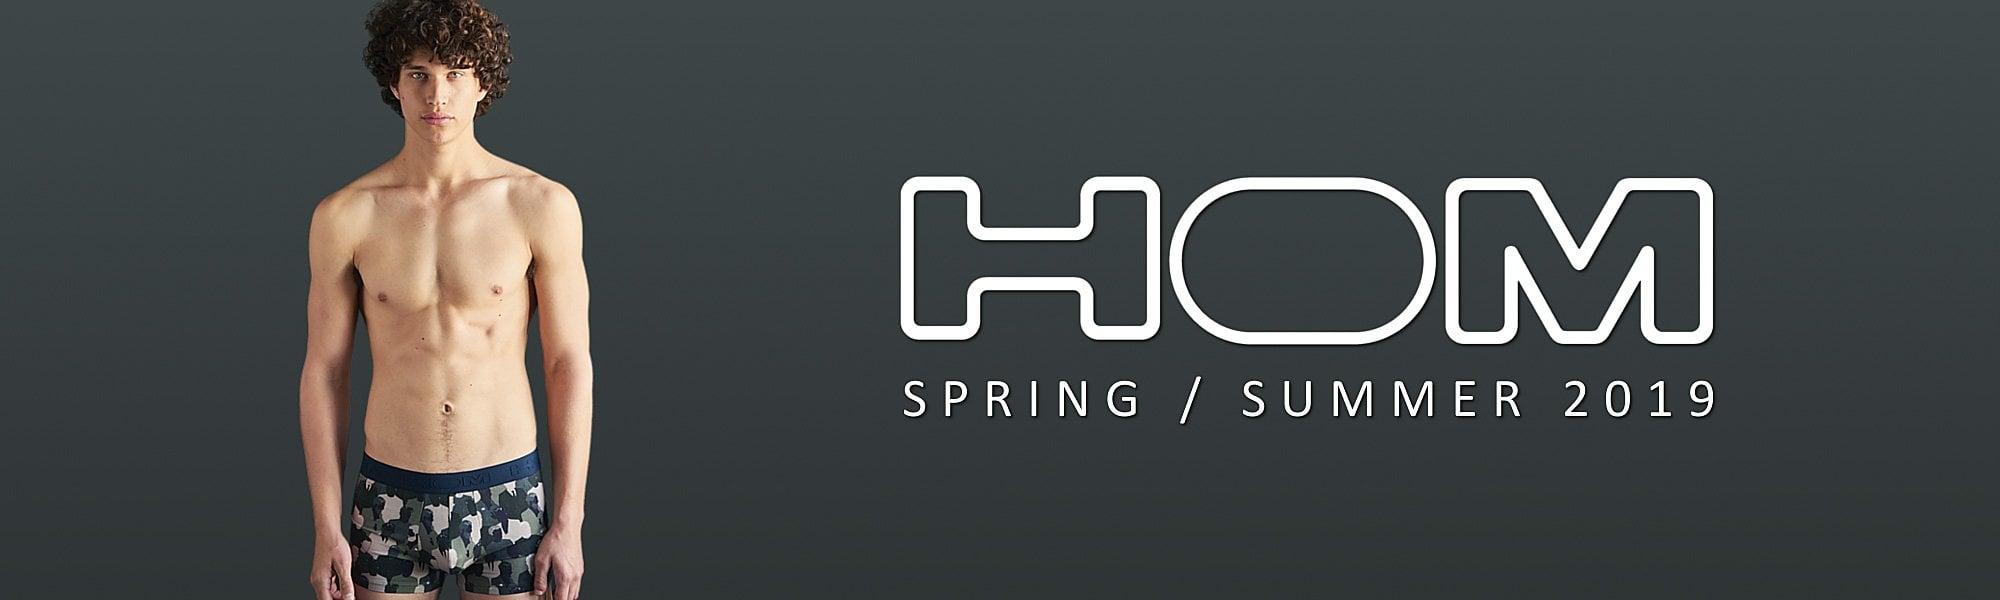 HOM SPRING / SUMMER 2019